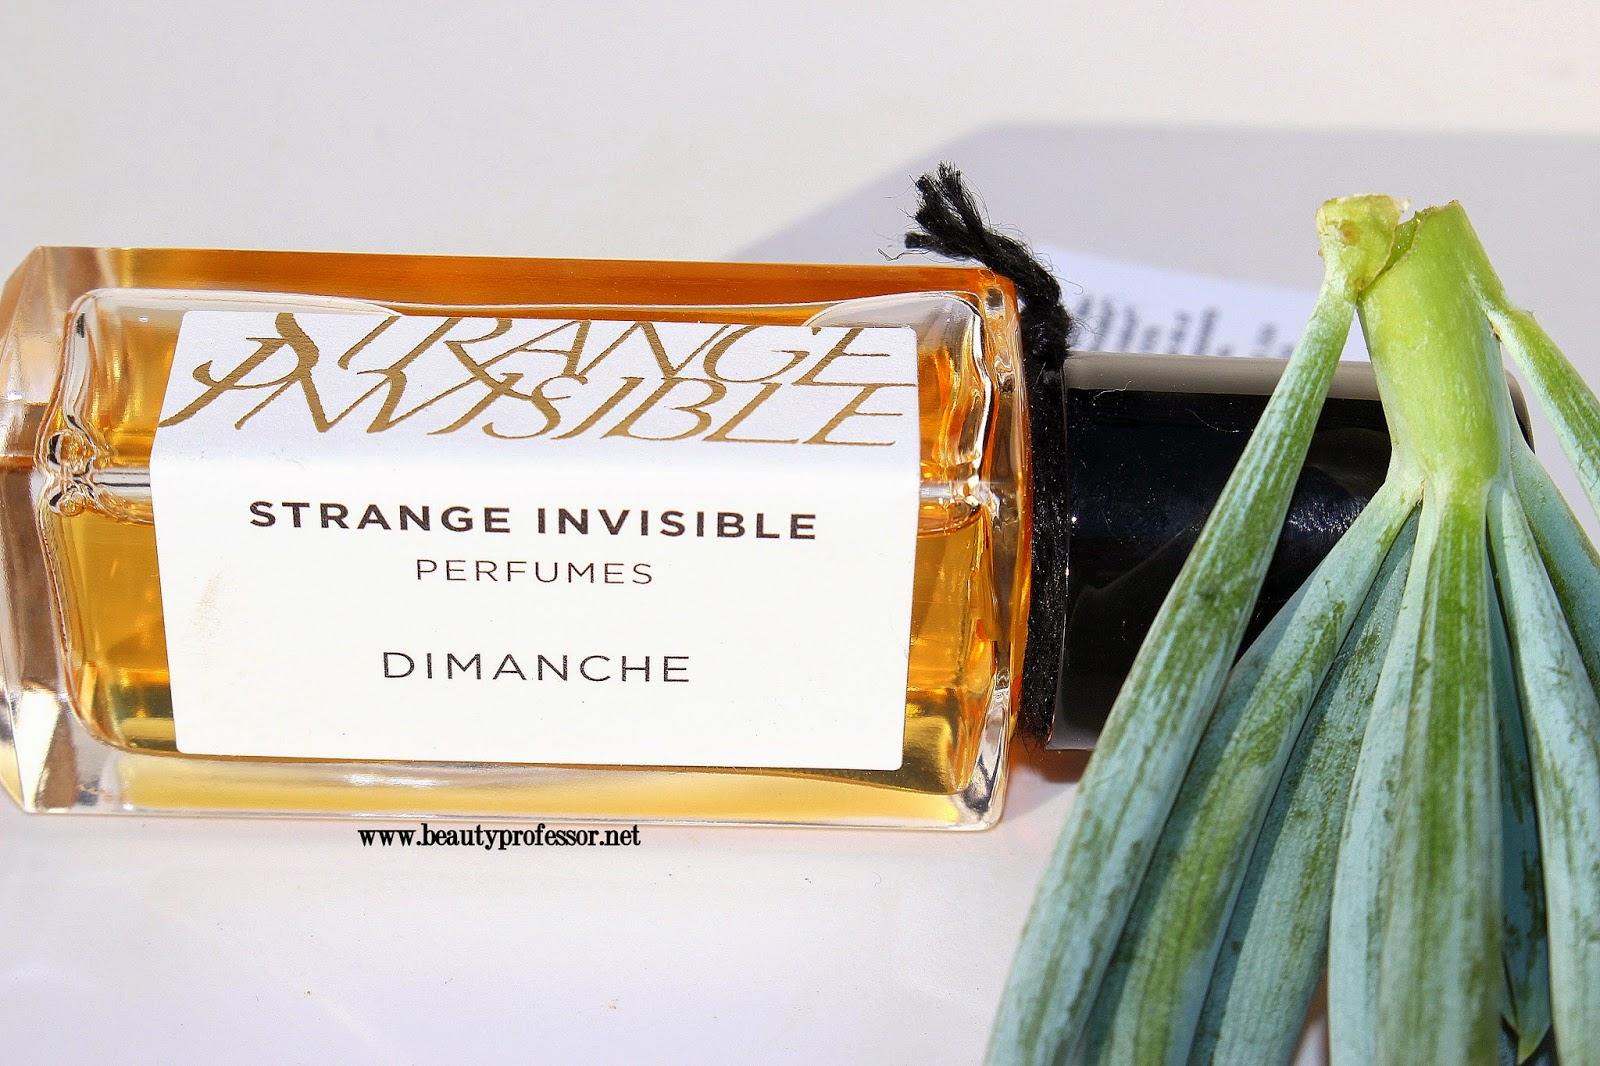 strange invisible perfume dimanche